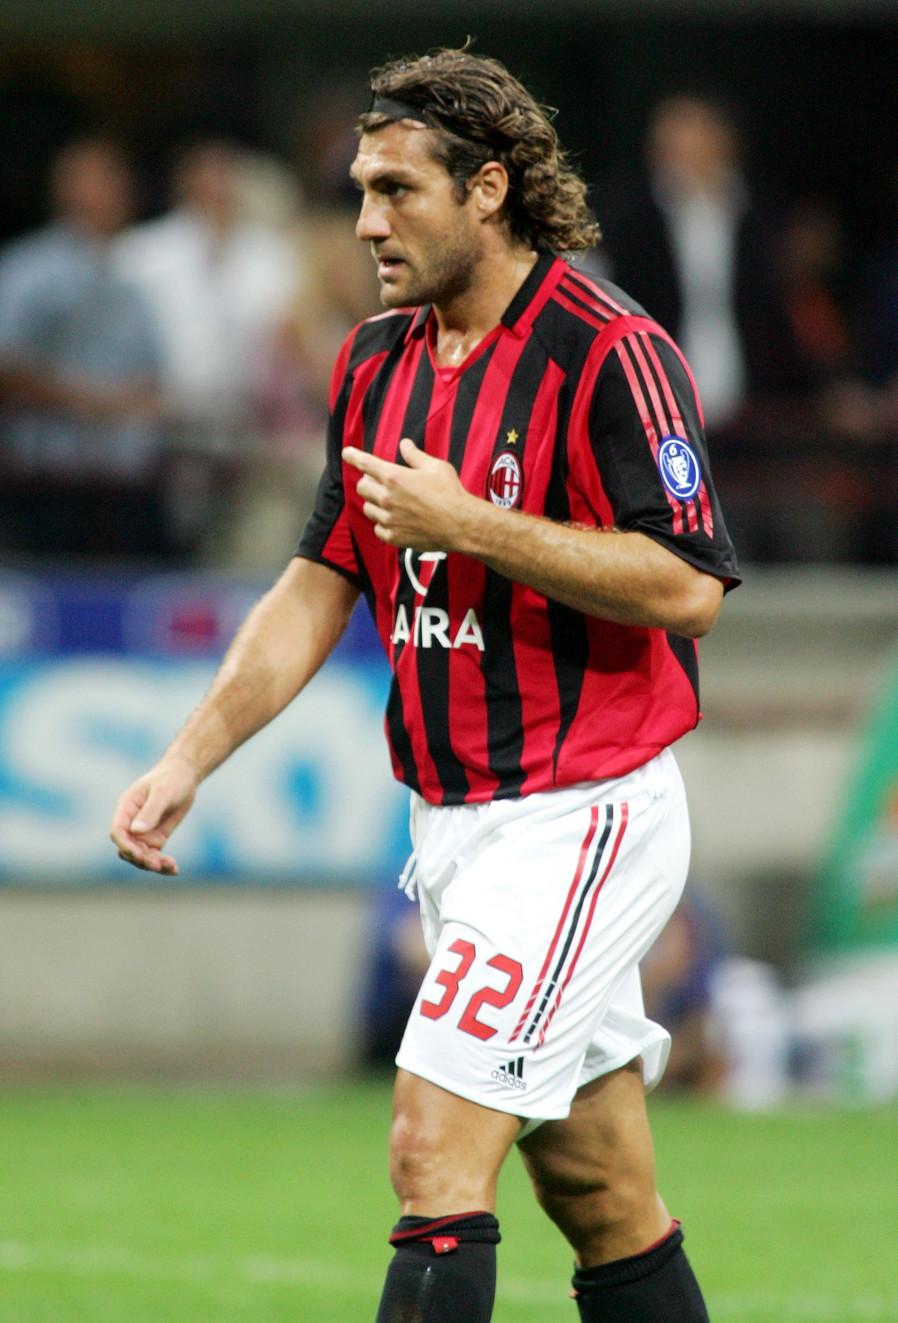 Christian Vieri: Juventus 1996-97, Milan 2005-06